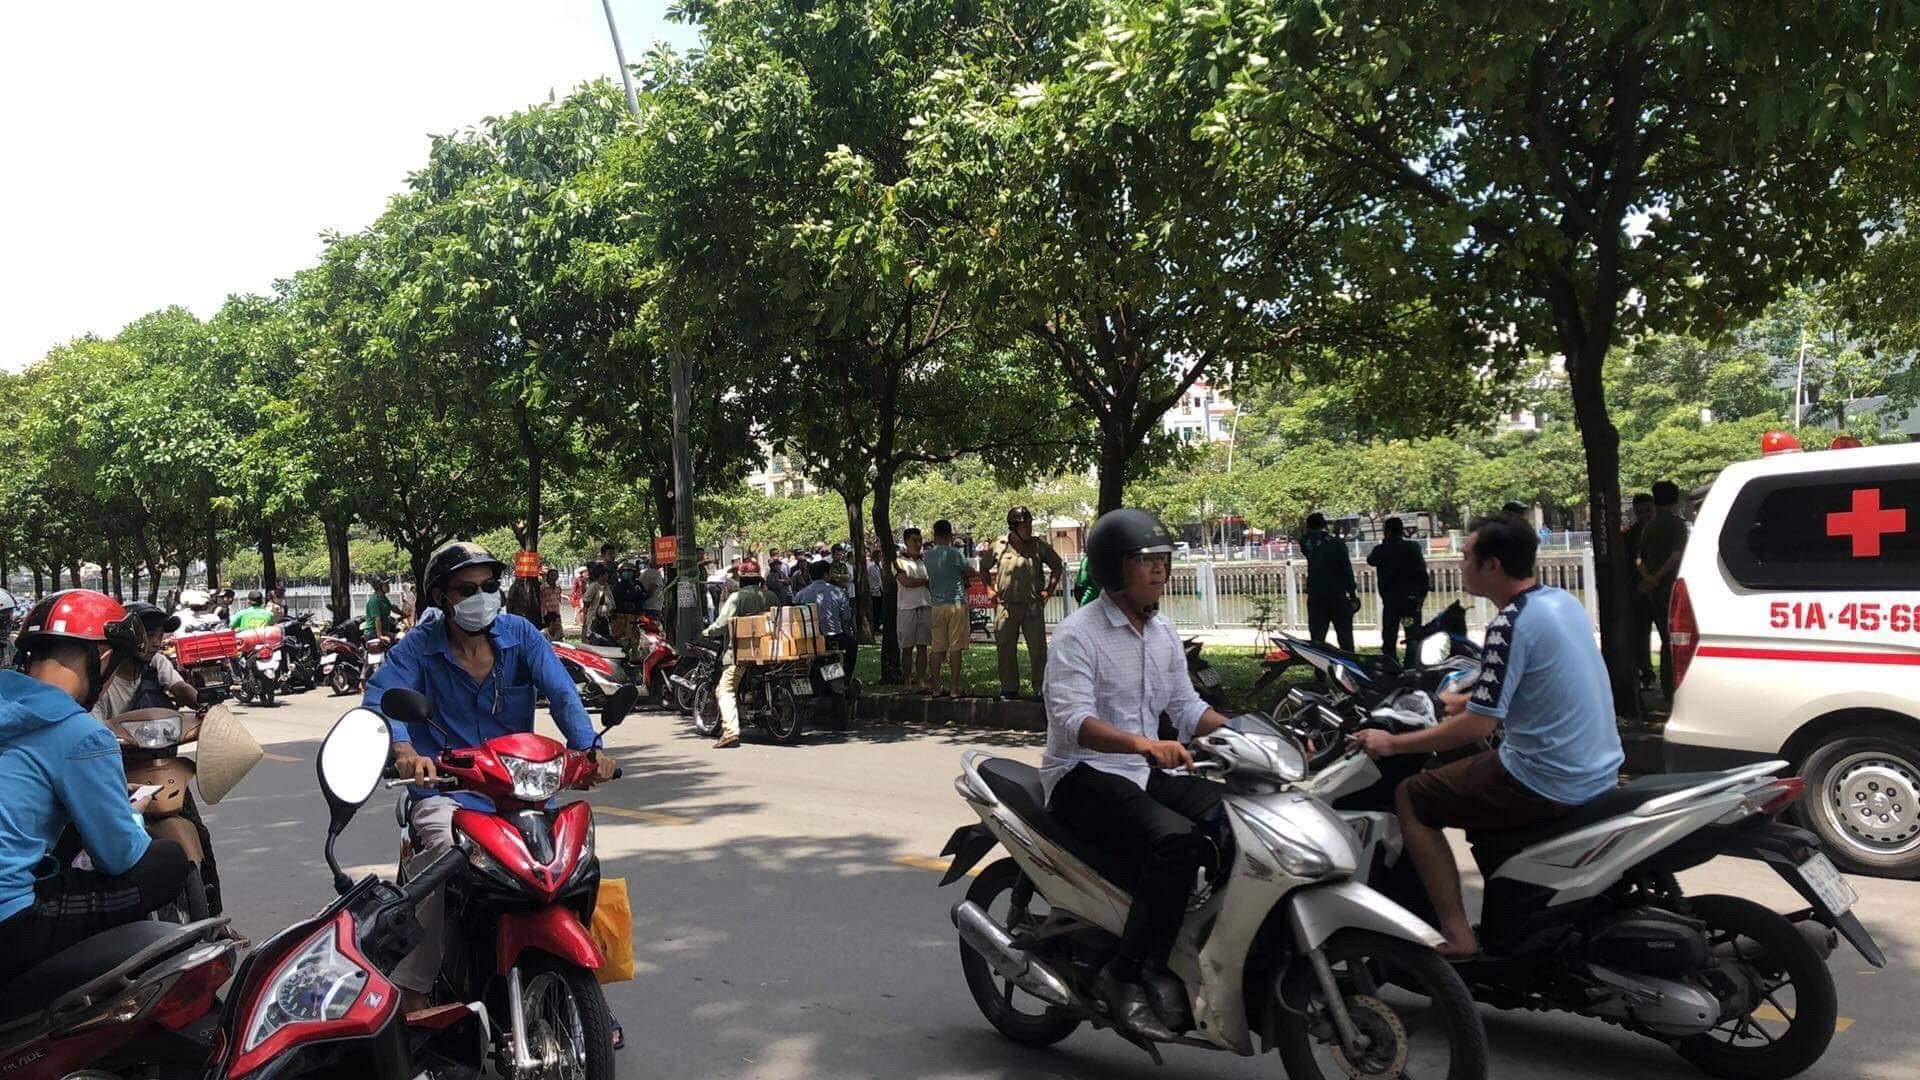 Phát hiện thi thể dưới kênh Nhiêu Lộc, nghi là nam thanh niên sát hại nữ sinh 19 tuổi - Ảnh 1